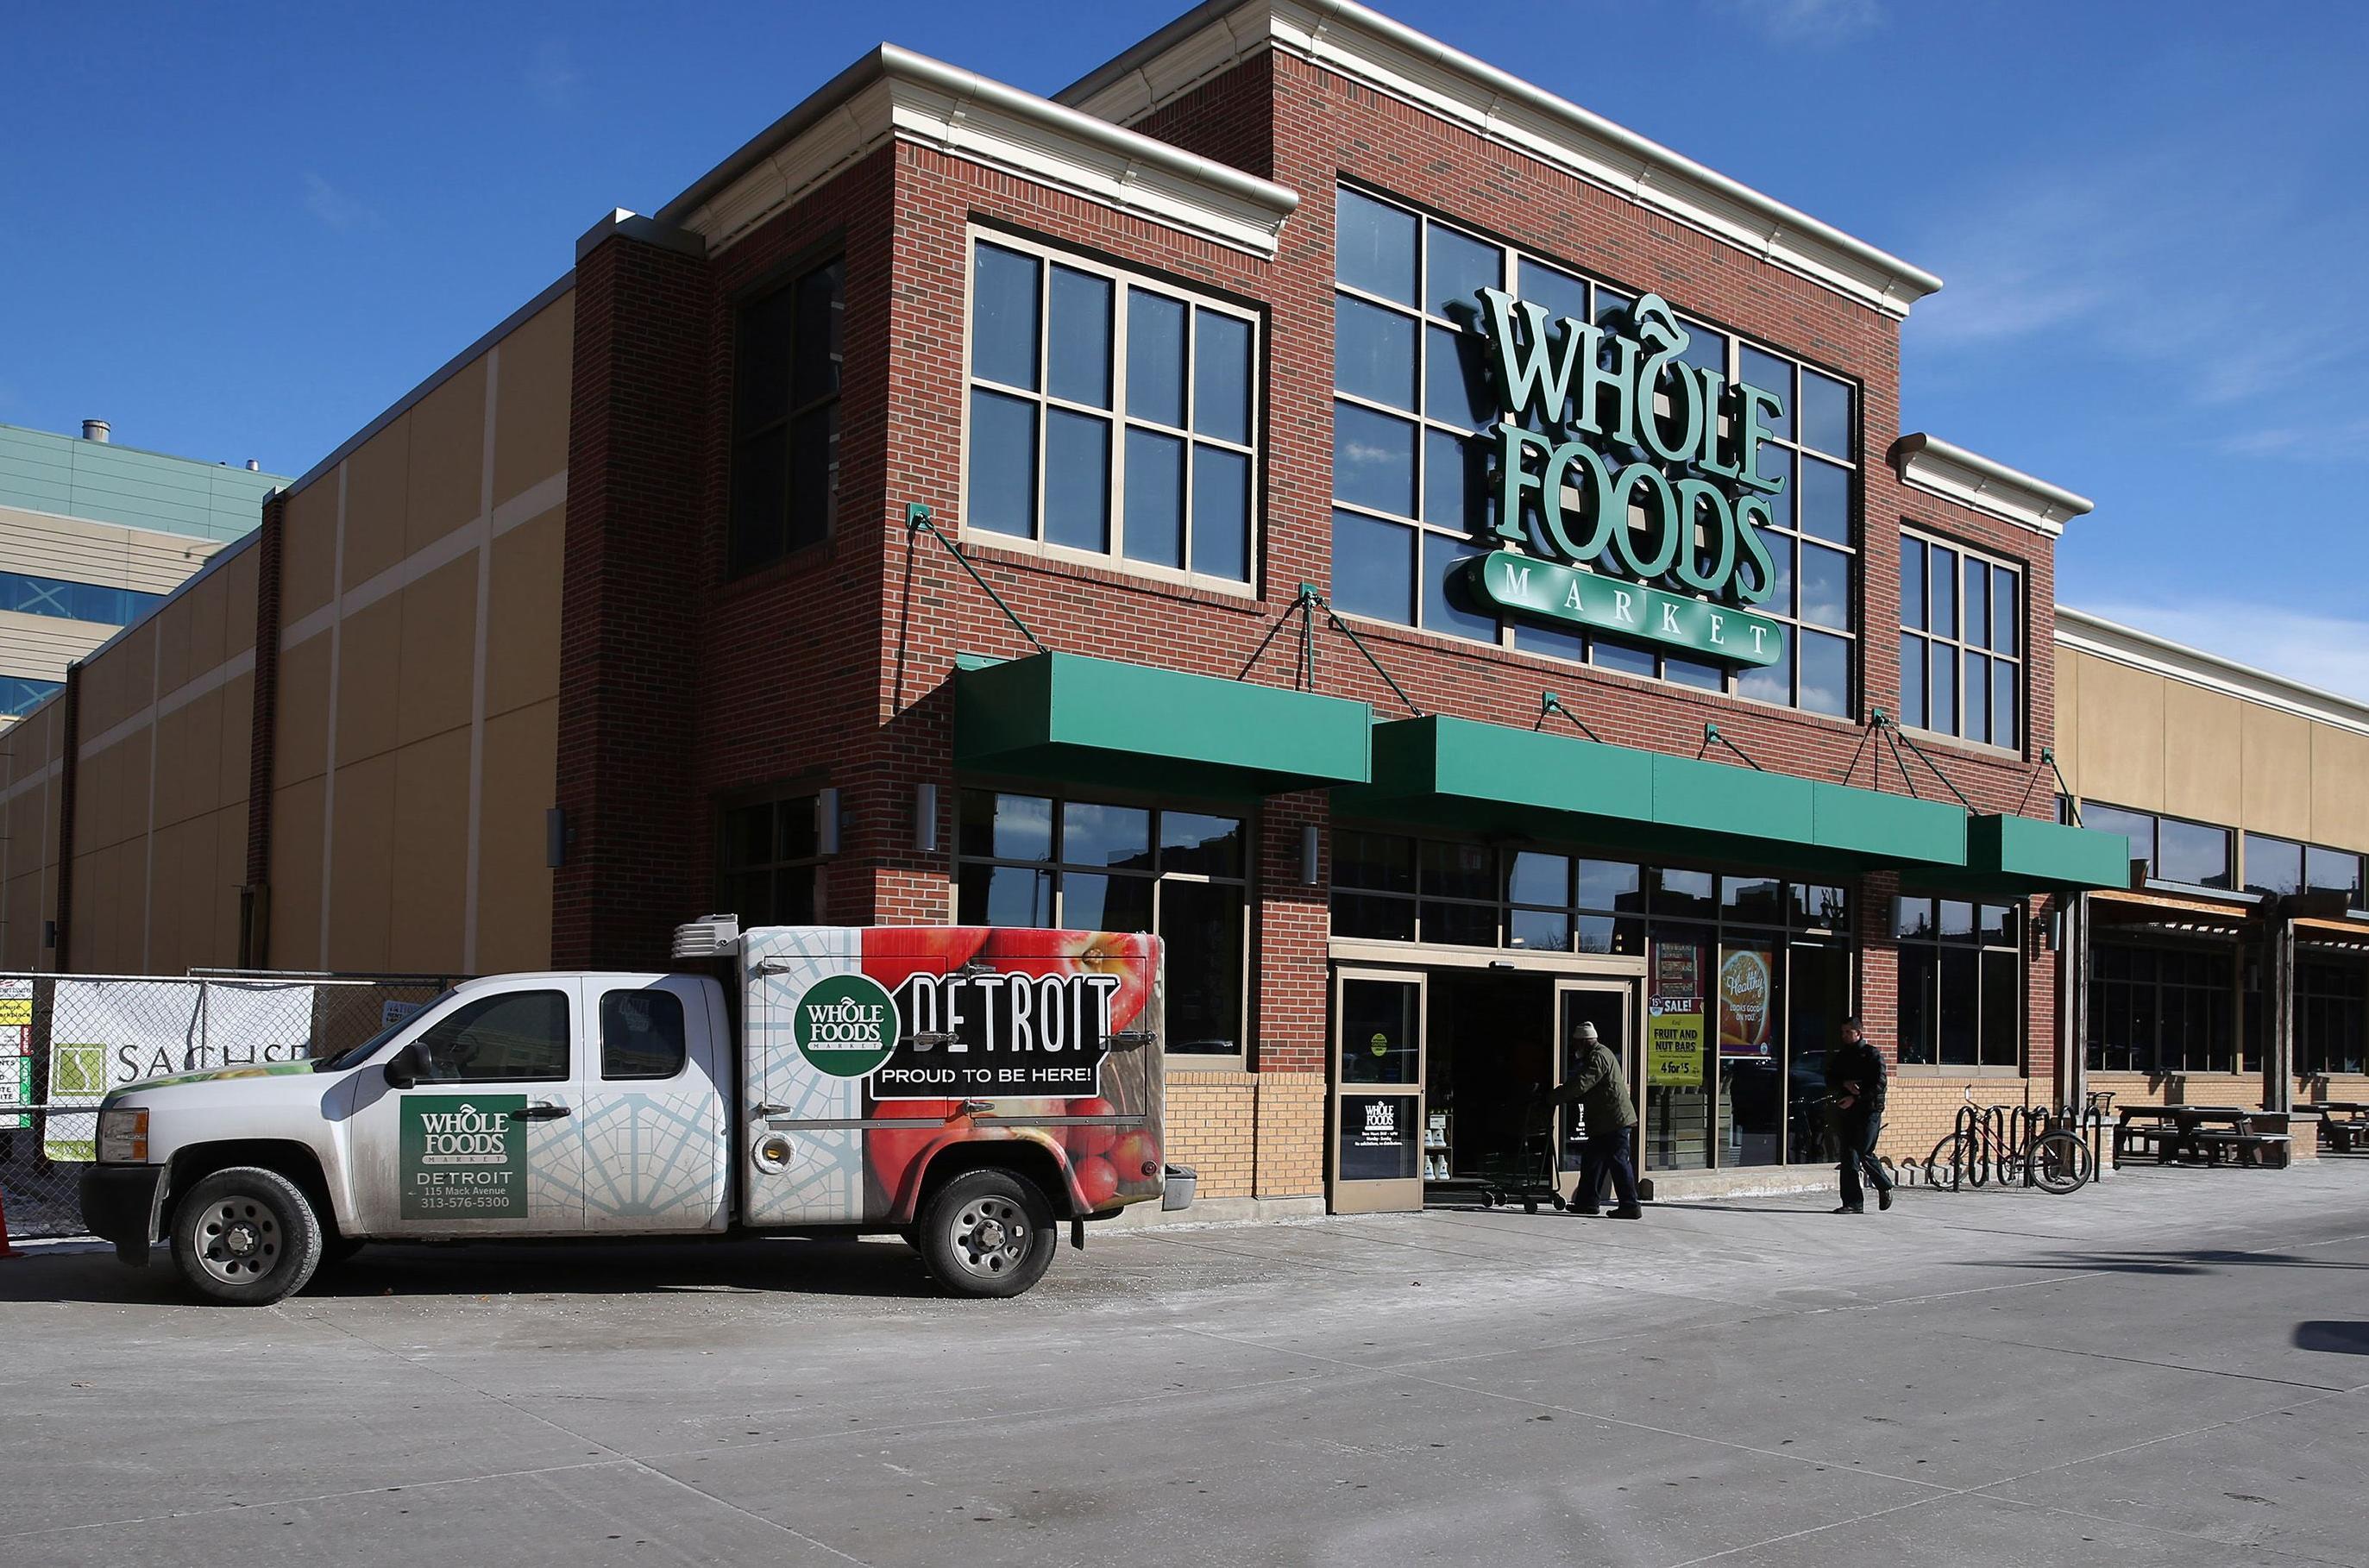 75ce47e7c22a A Whole Foods Market in Detroit. Amazon.com Inc. plans to open dozens